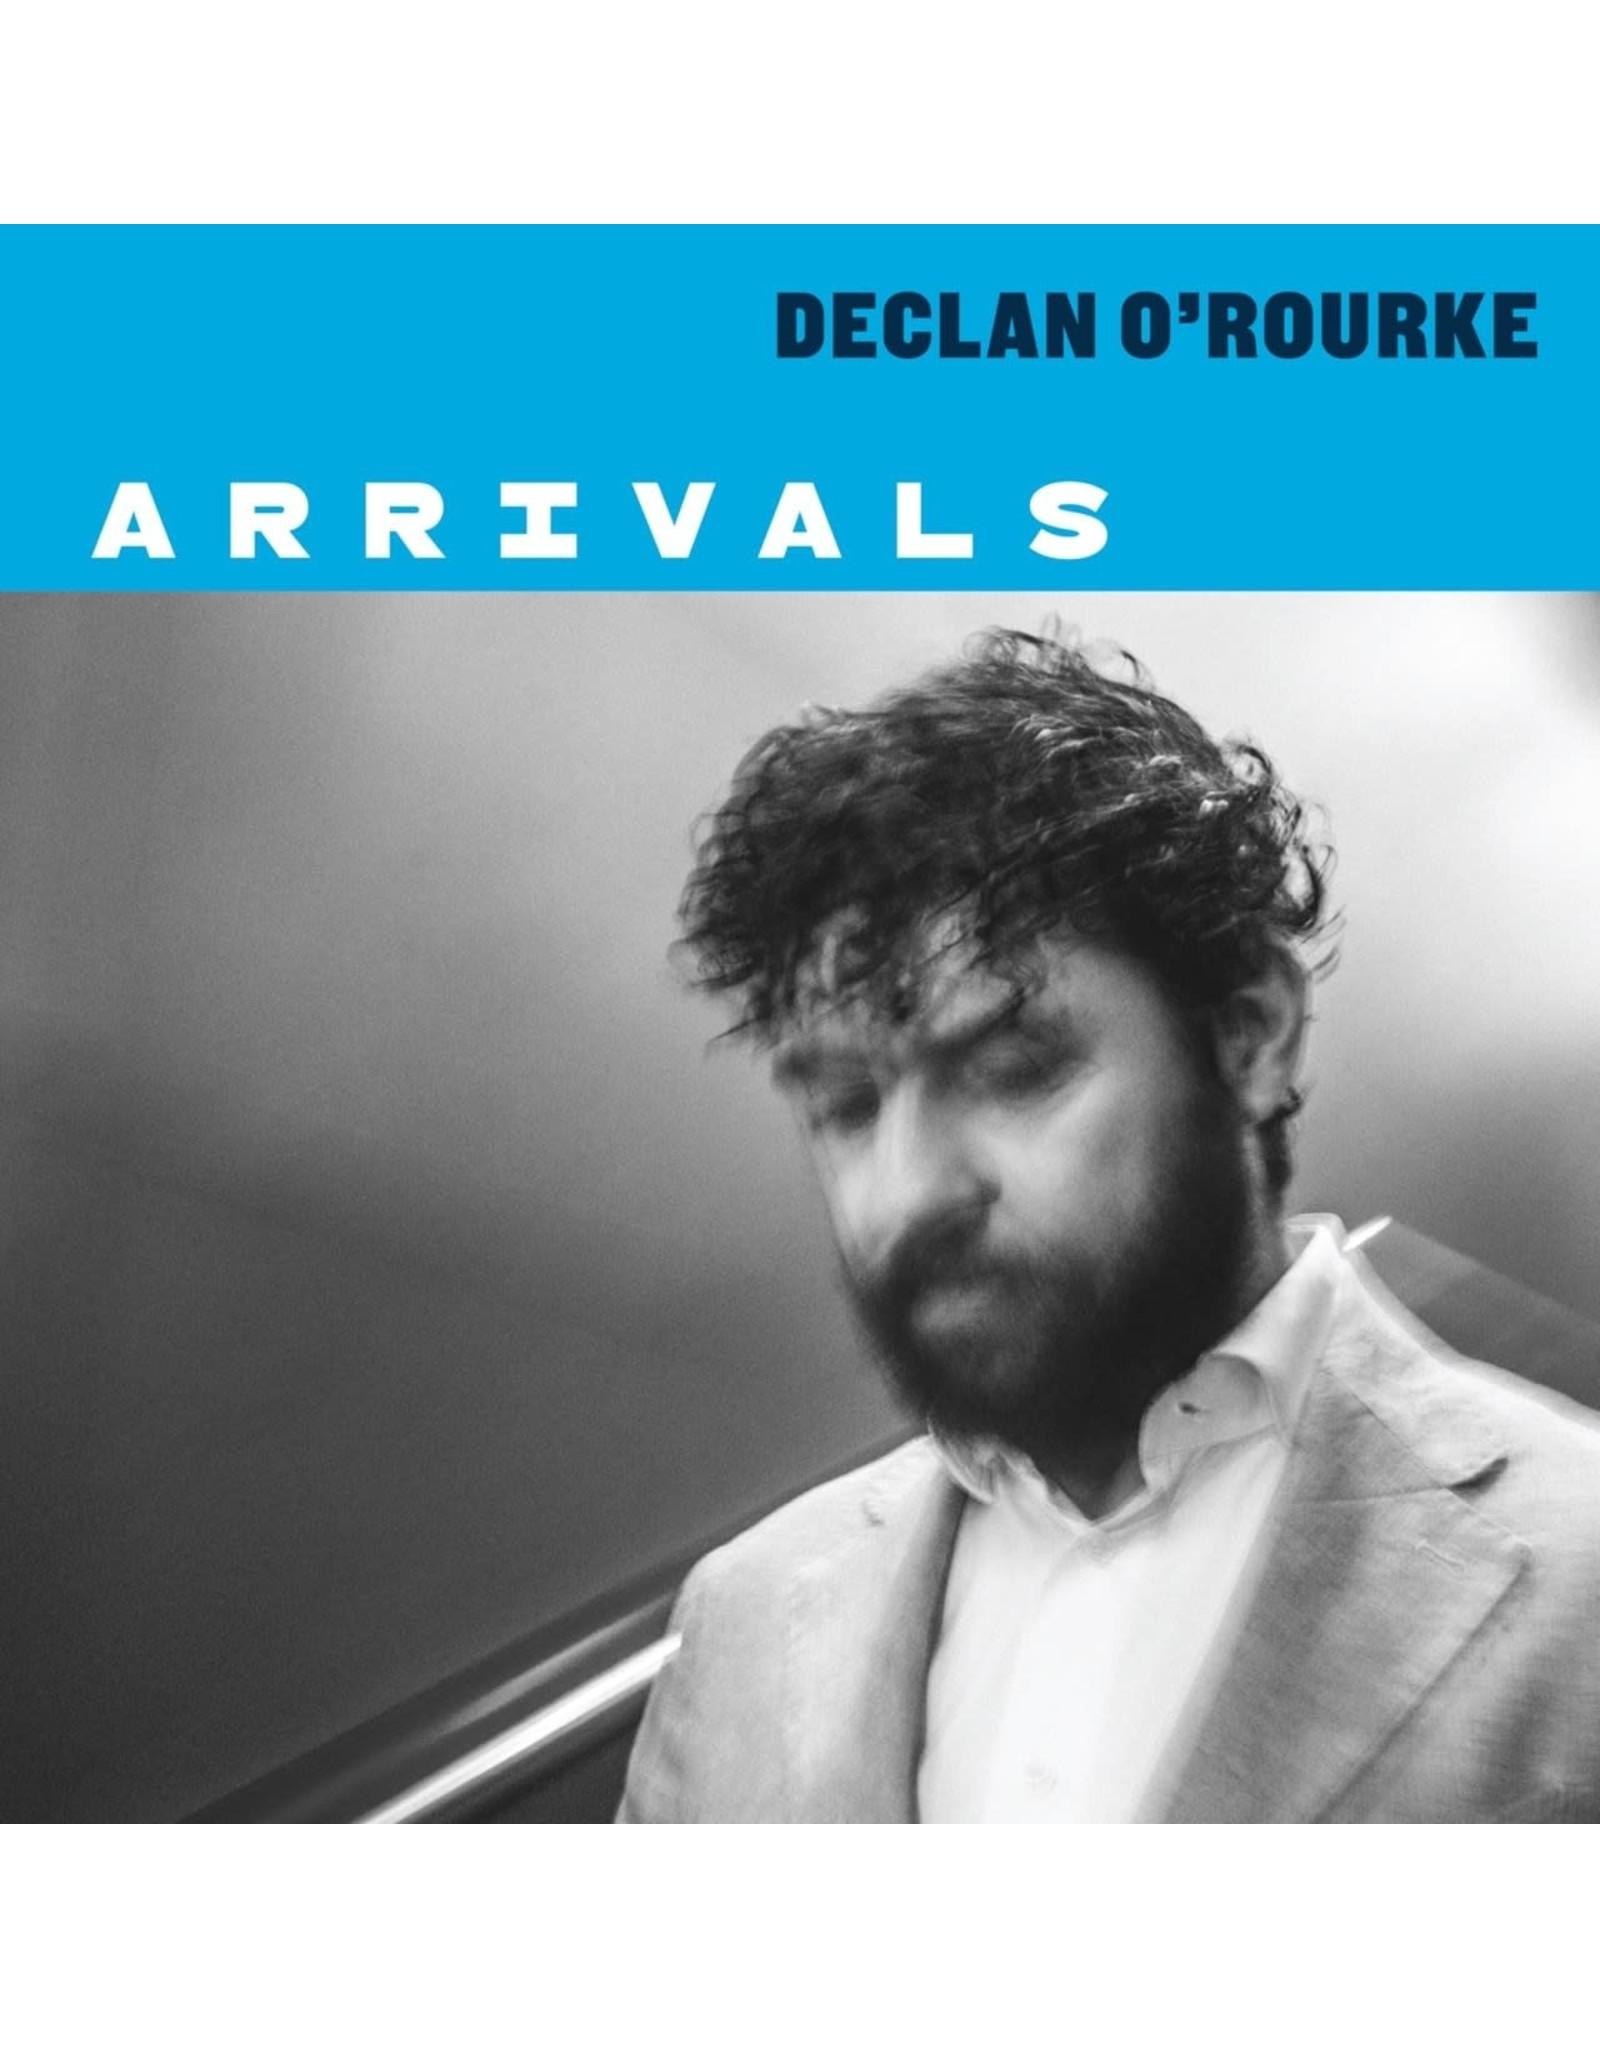 O'Rourke, Declan - Arrivals LP